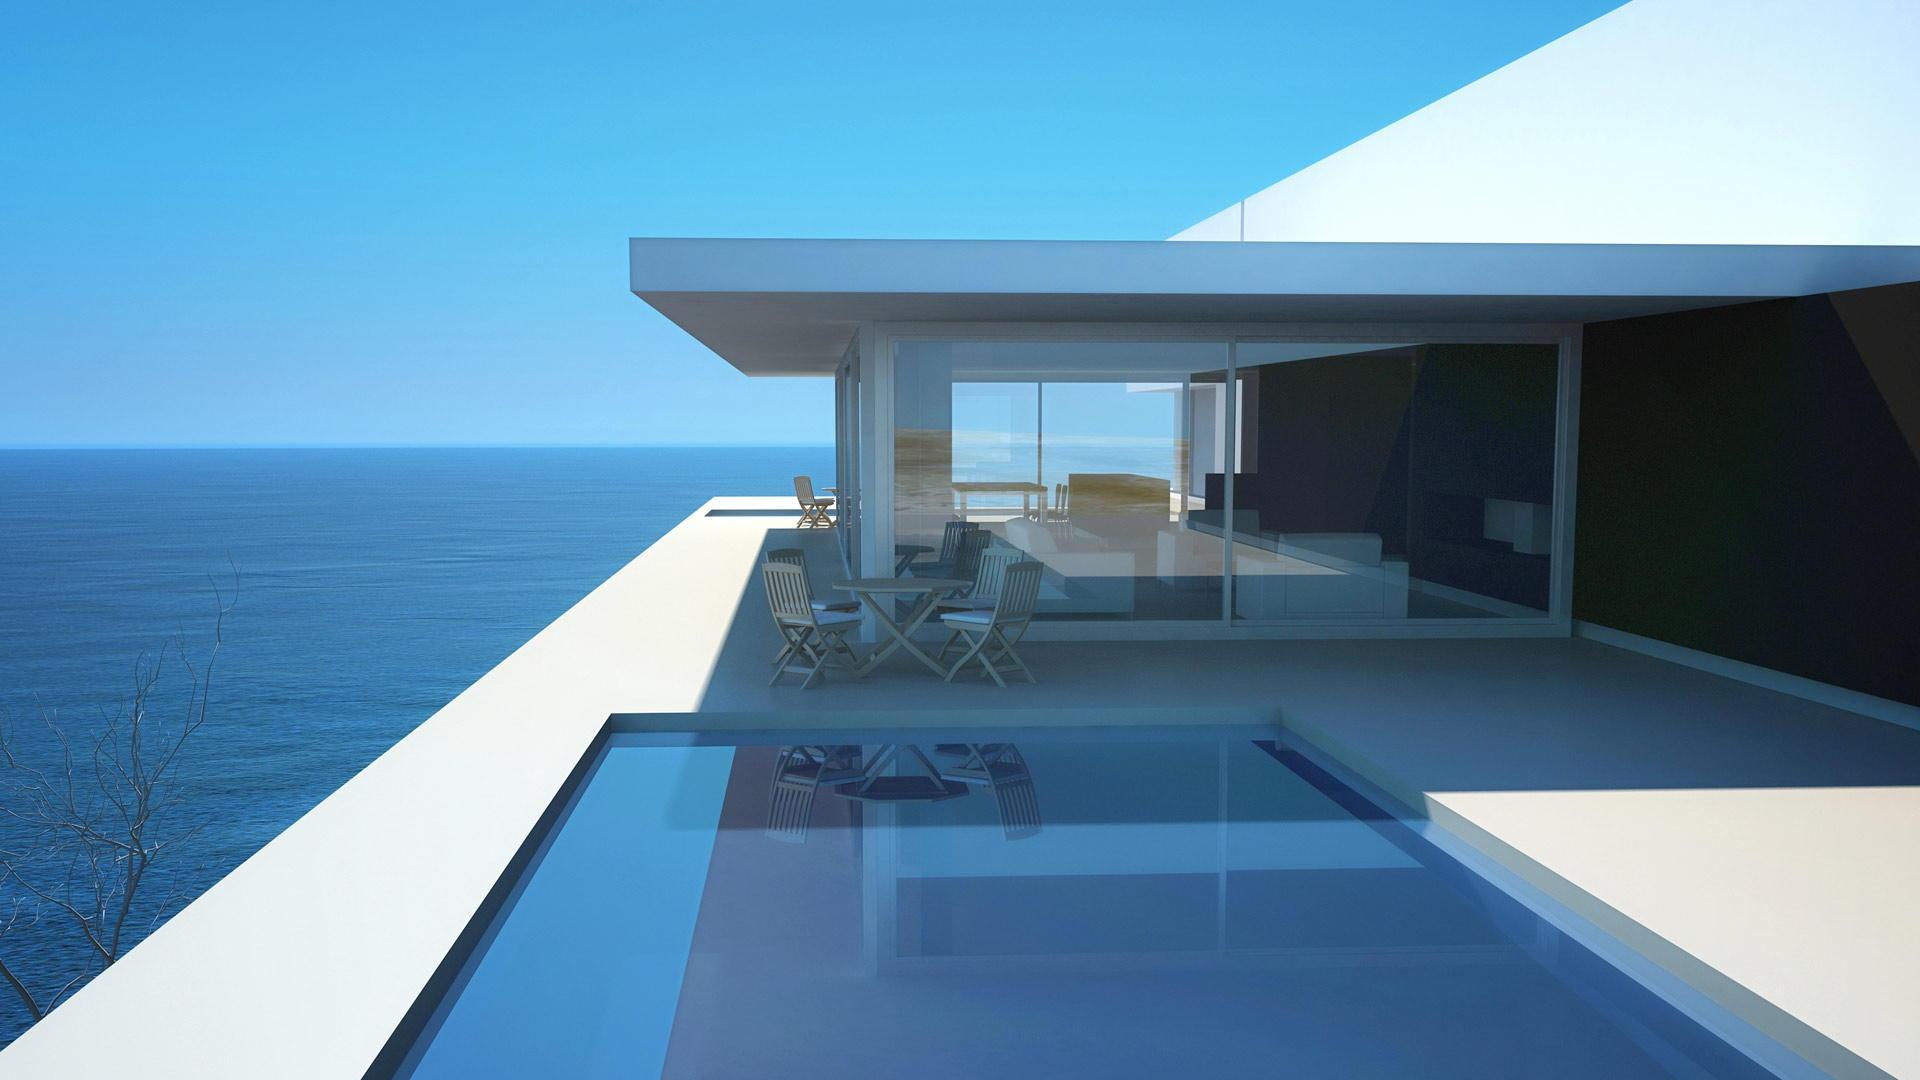 maison a louer pour les vacances ou l 39 ann e. Black Bedroom Furniture Sets. Home Design Ideas